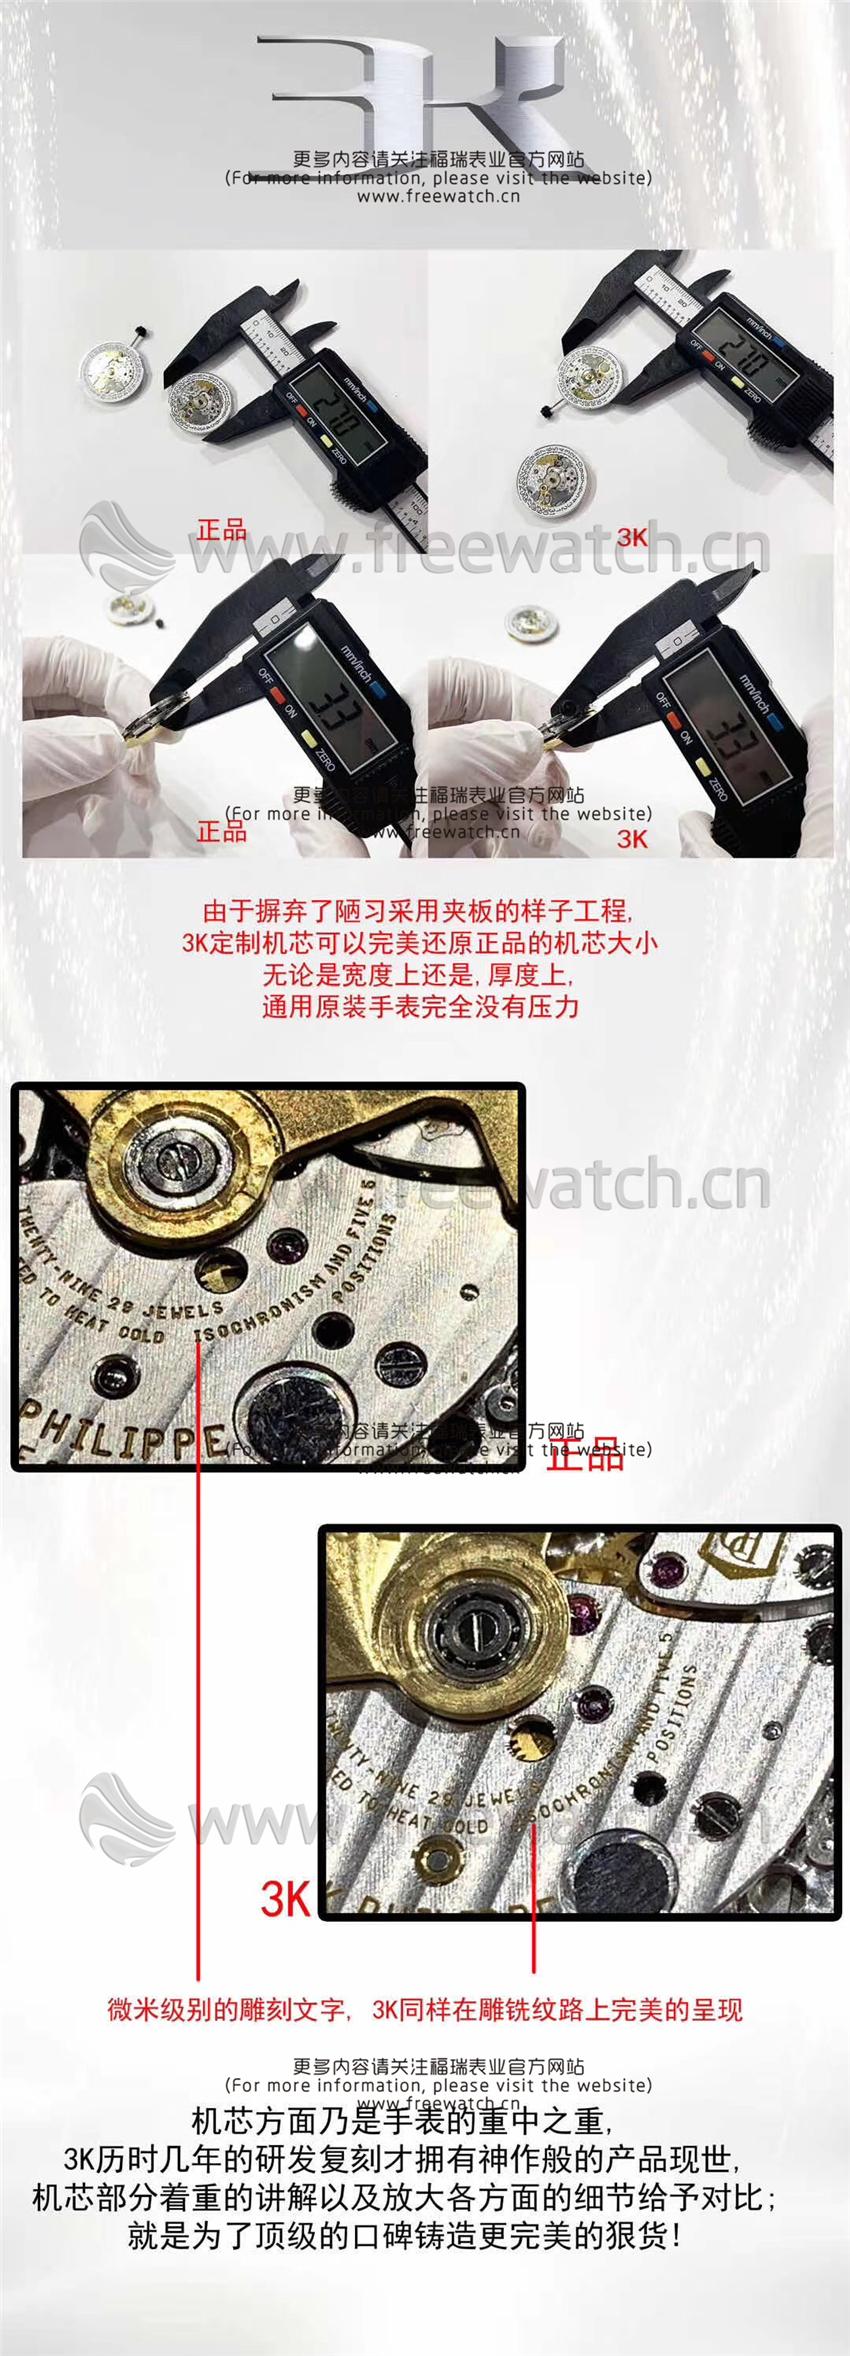 3K厂百达翡丽手雷与正品对比评测和其它版本差别在哪-第7张